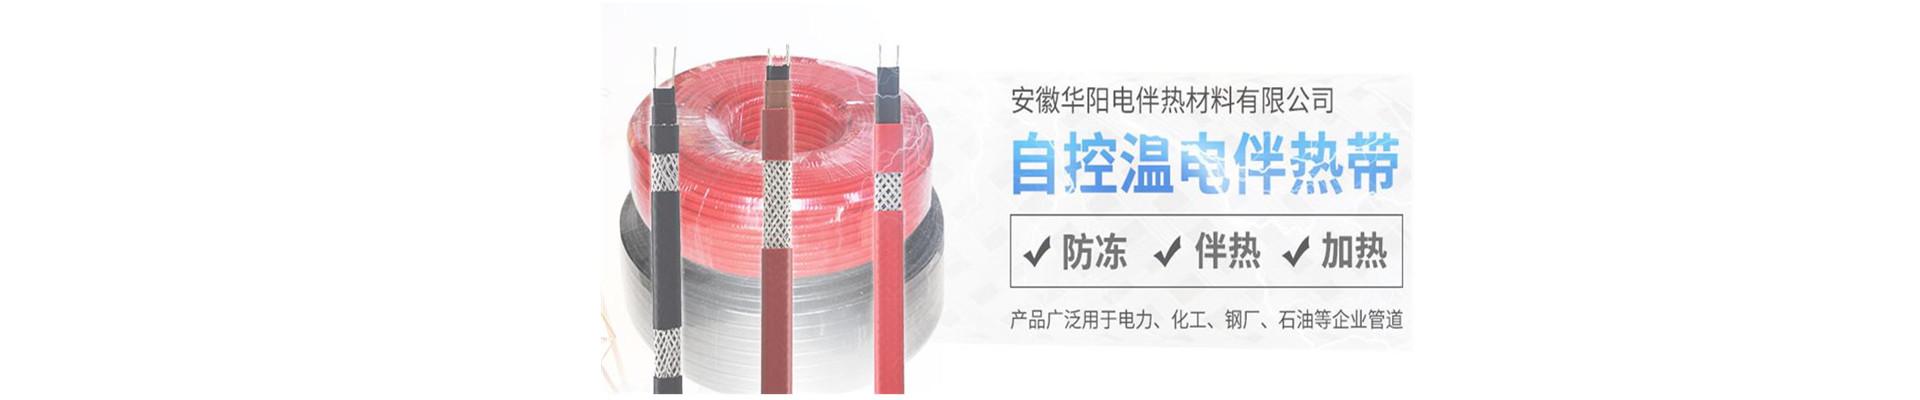 安徽华阳电伴热材料有限公司